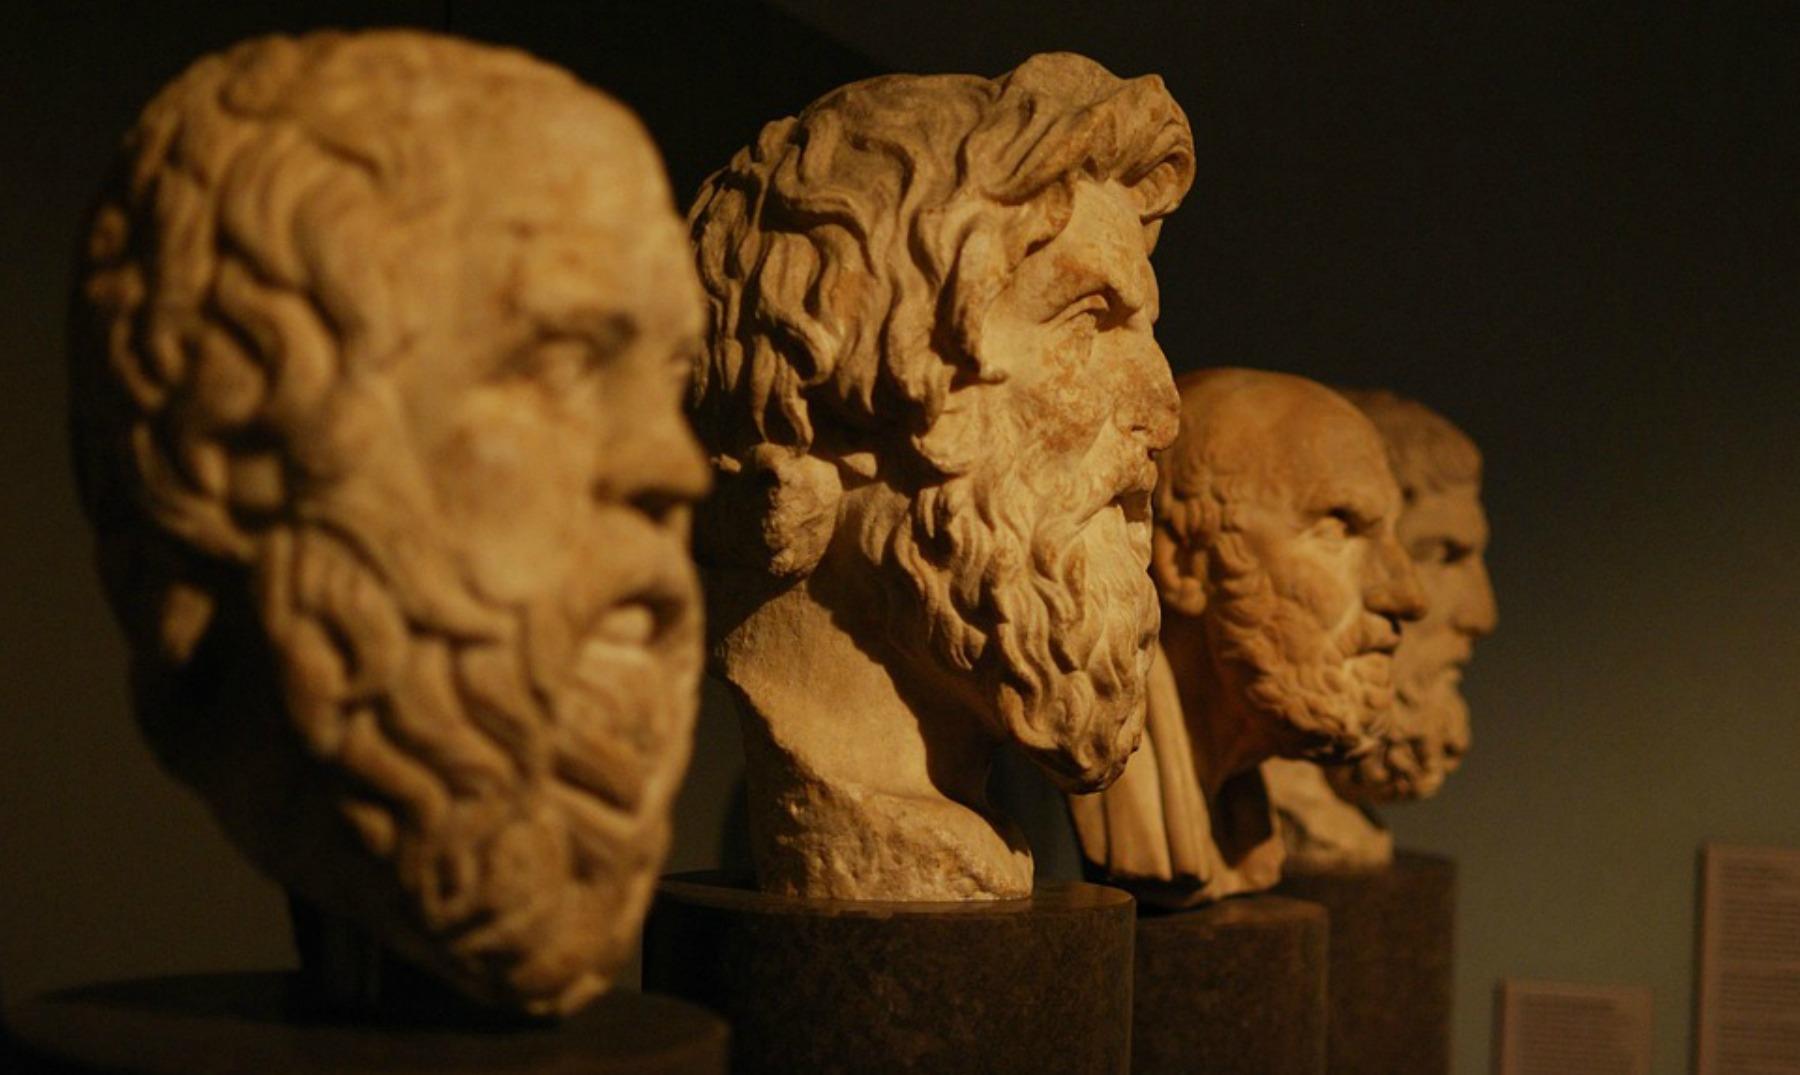 Frases de filósofos para filosofar ¿Te animas?